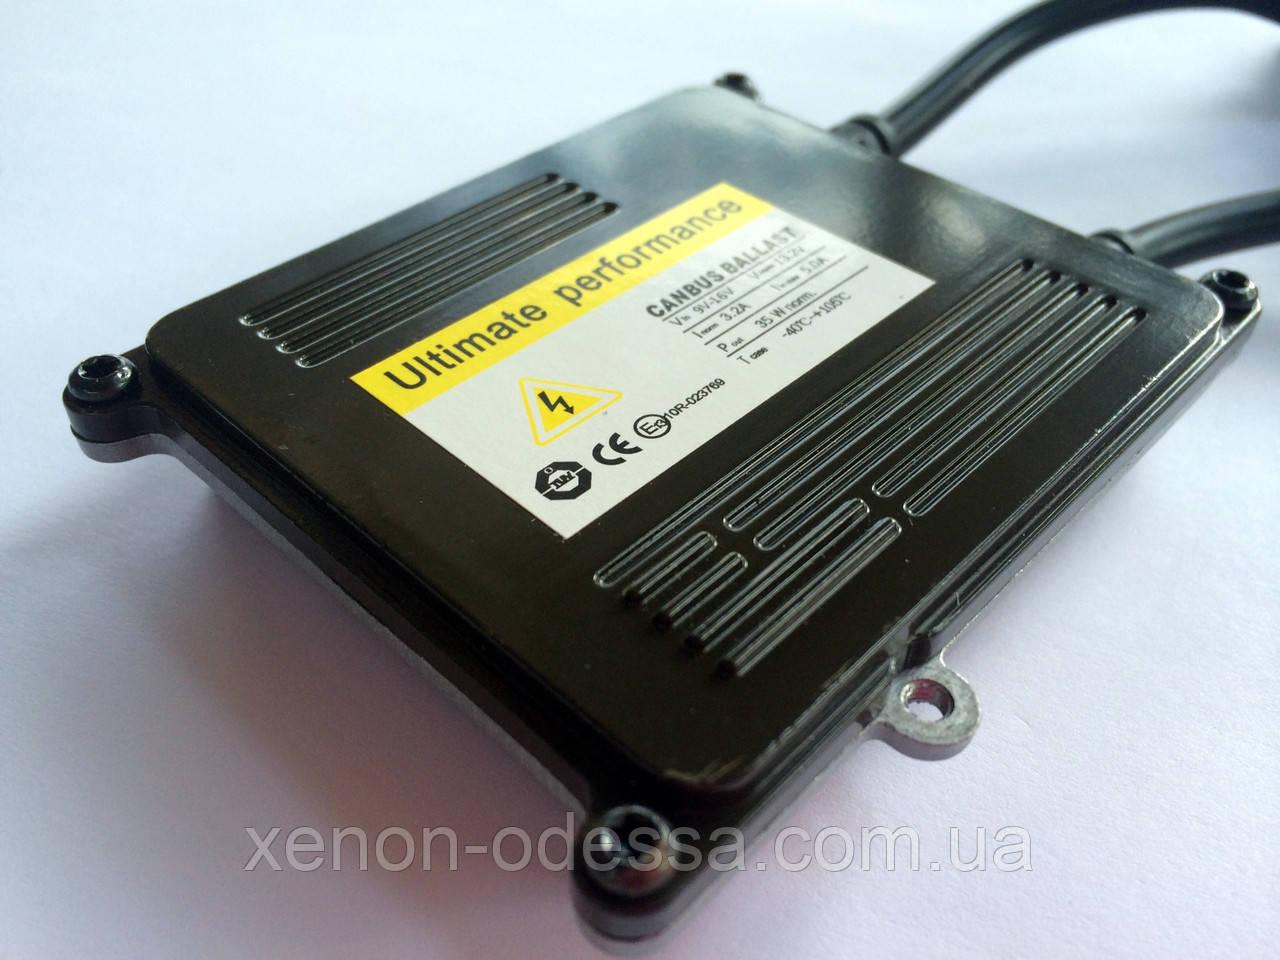 Блок розжига CAN-BUS Ultimate AC Slim 35W / балласт для ксенона